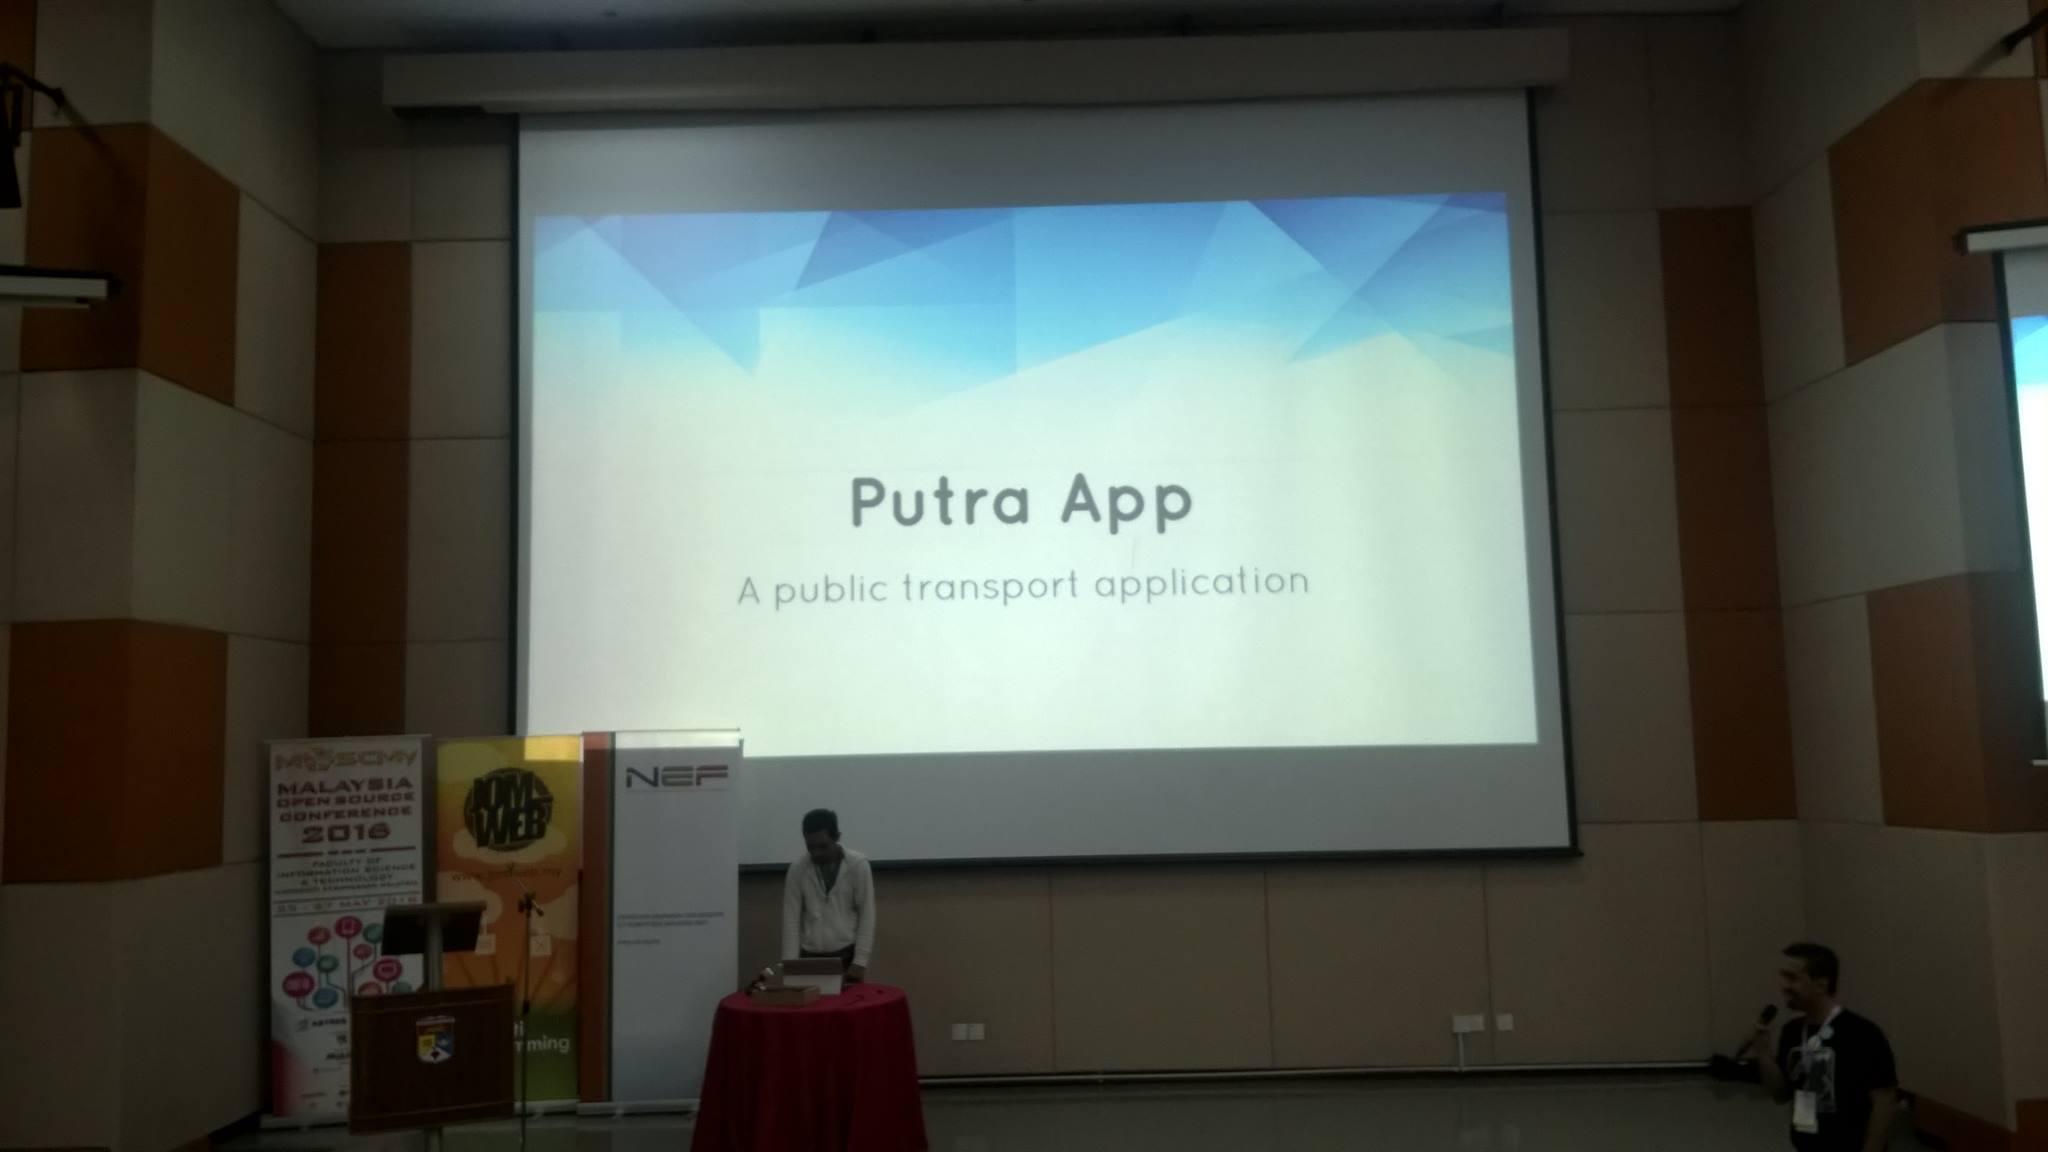 Putra App for Jomlaunch